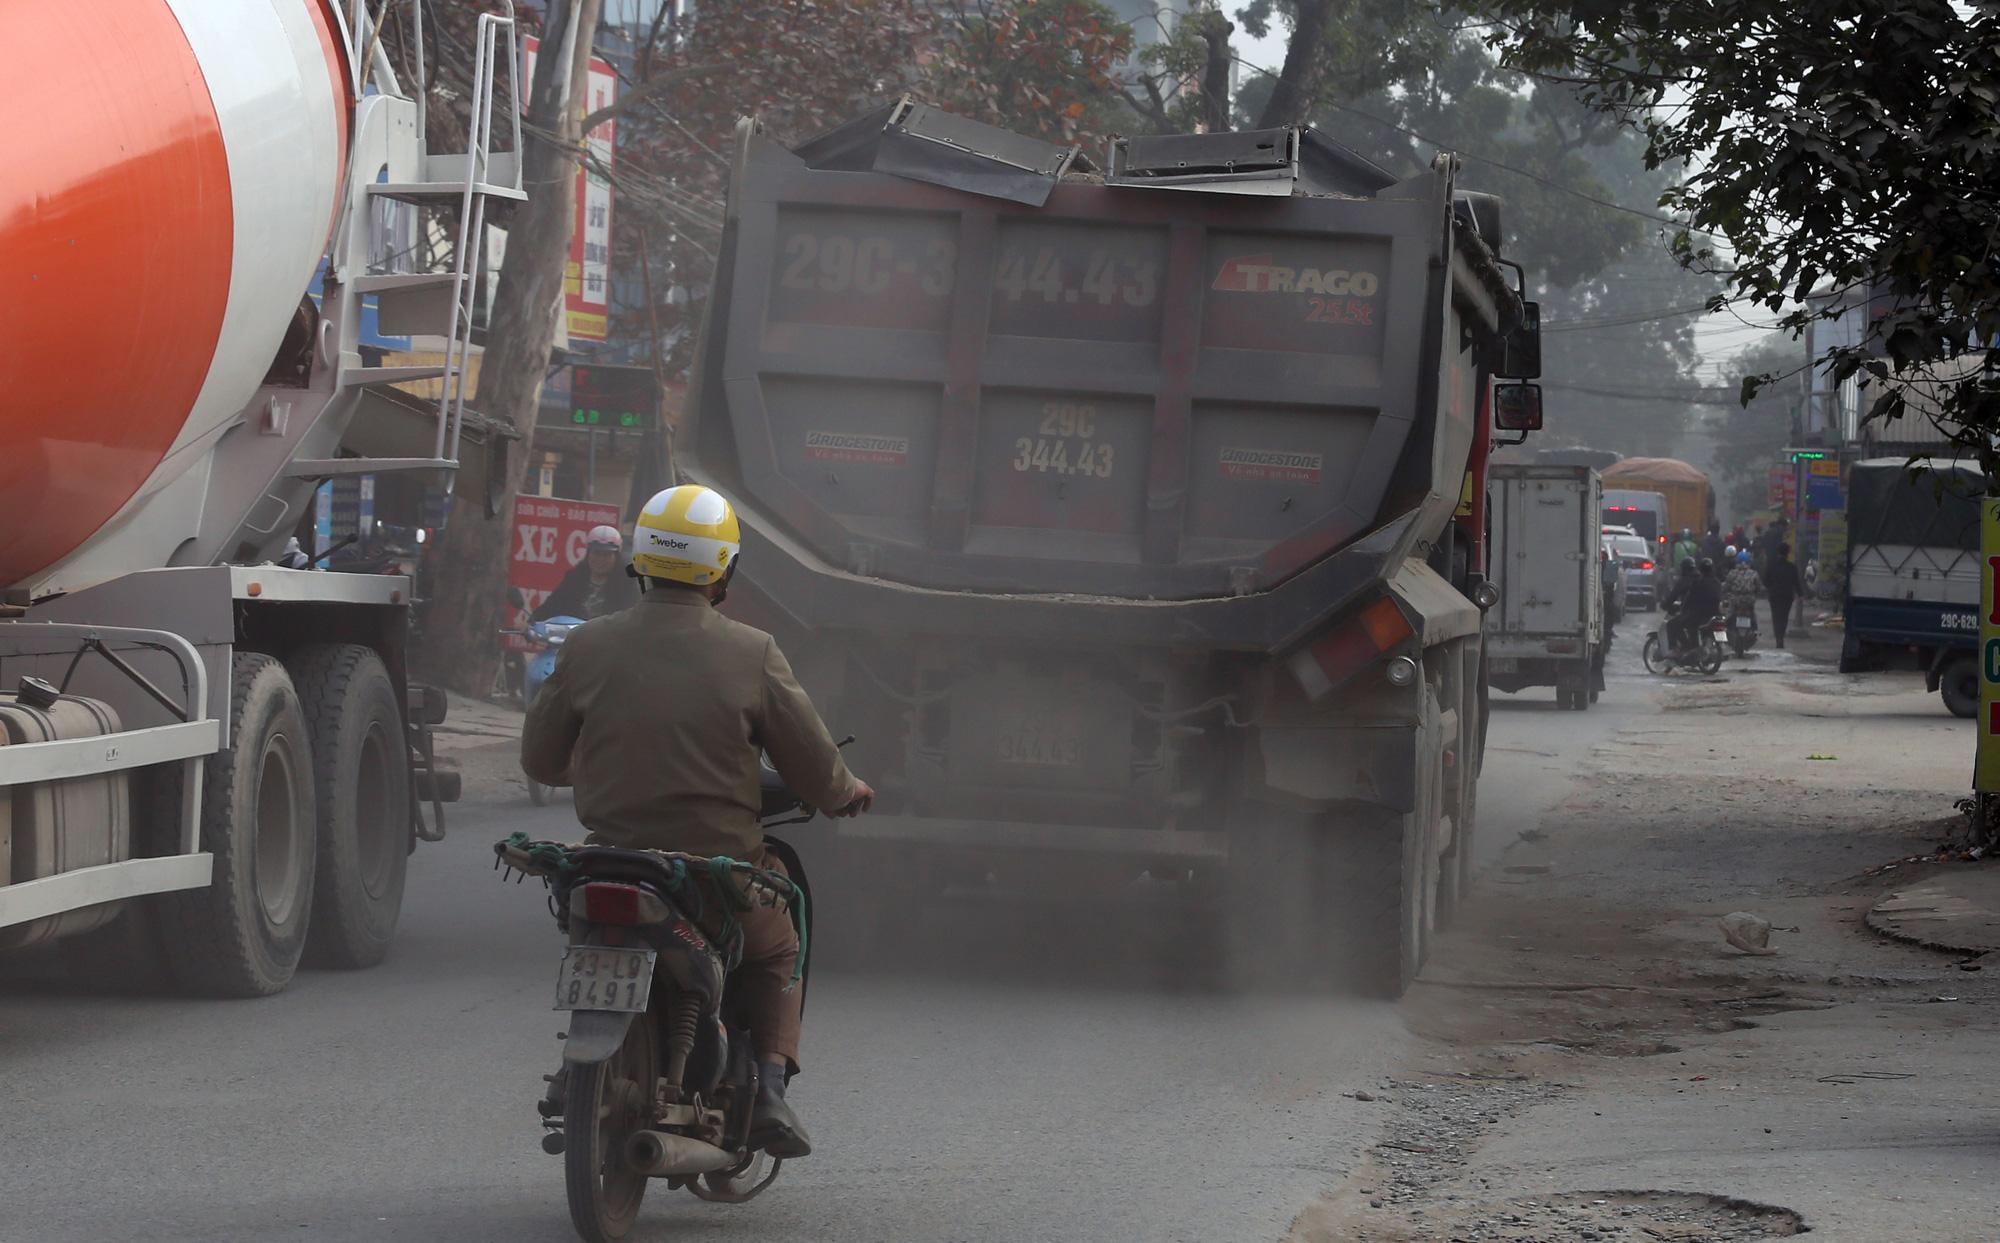 Hà Nội ô nhiễm không khí, người dân thêm khổ khi hít bụi mù mịt trên đường 70 đoạn Nhổn - Hà Đông - Ảnh 7.